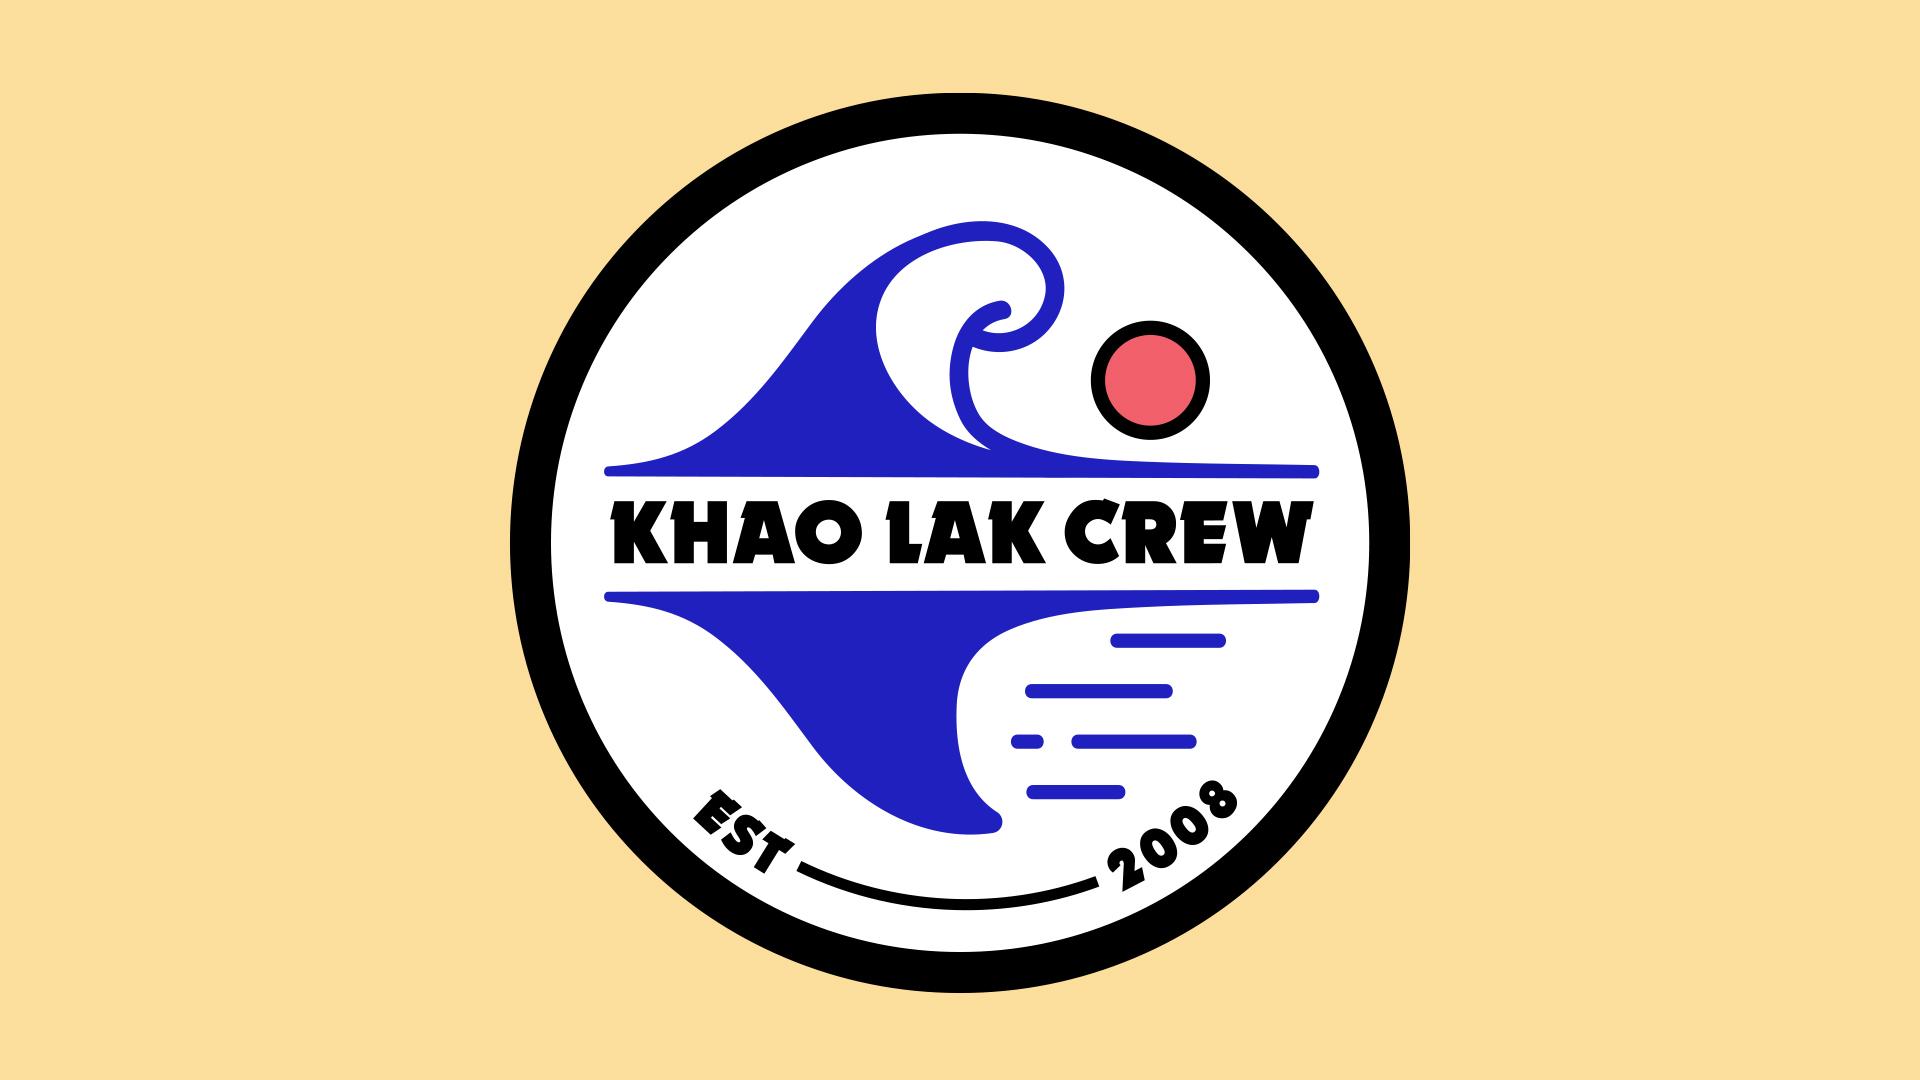 KhaoLakCrew_colourBG